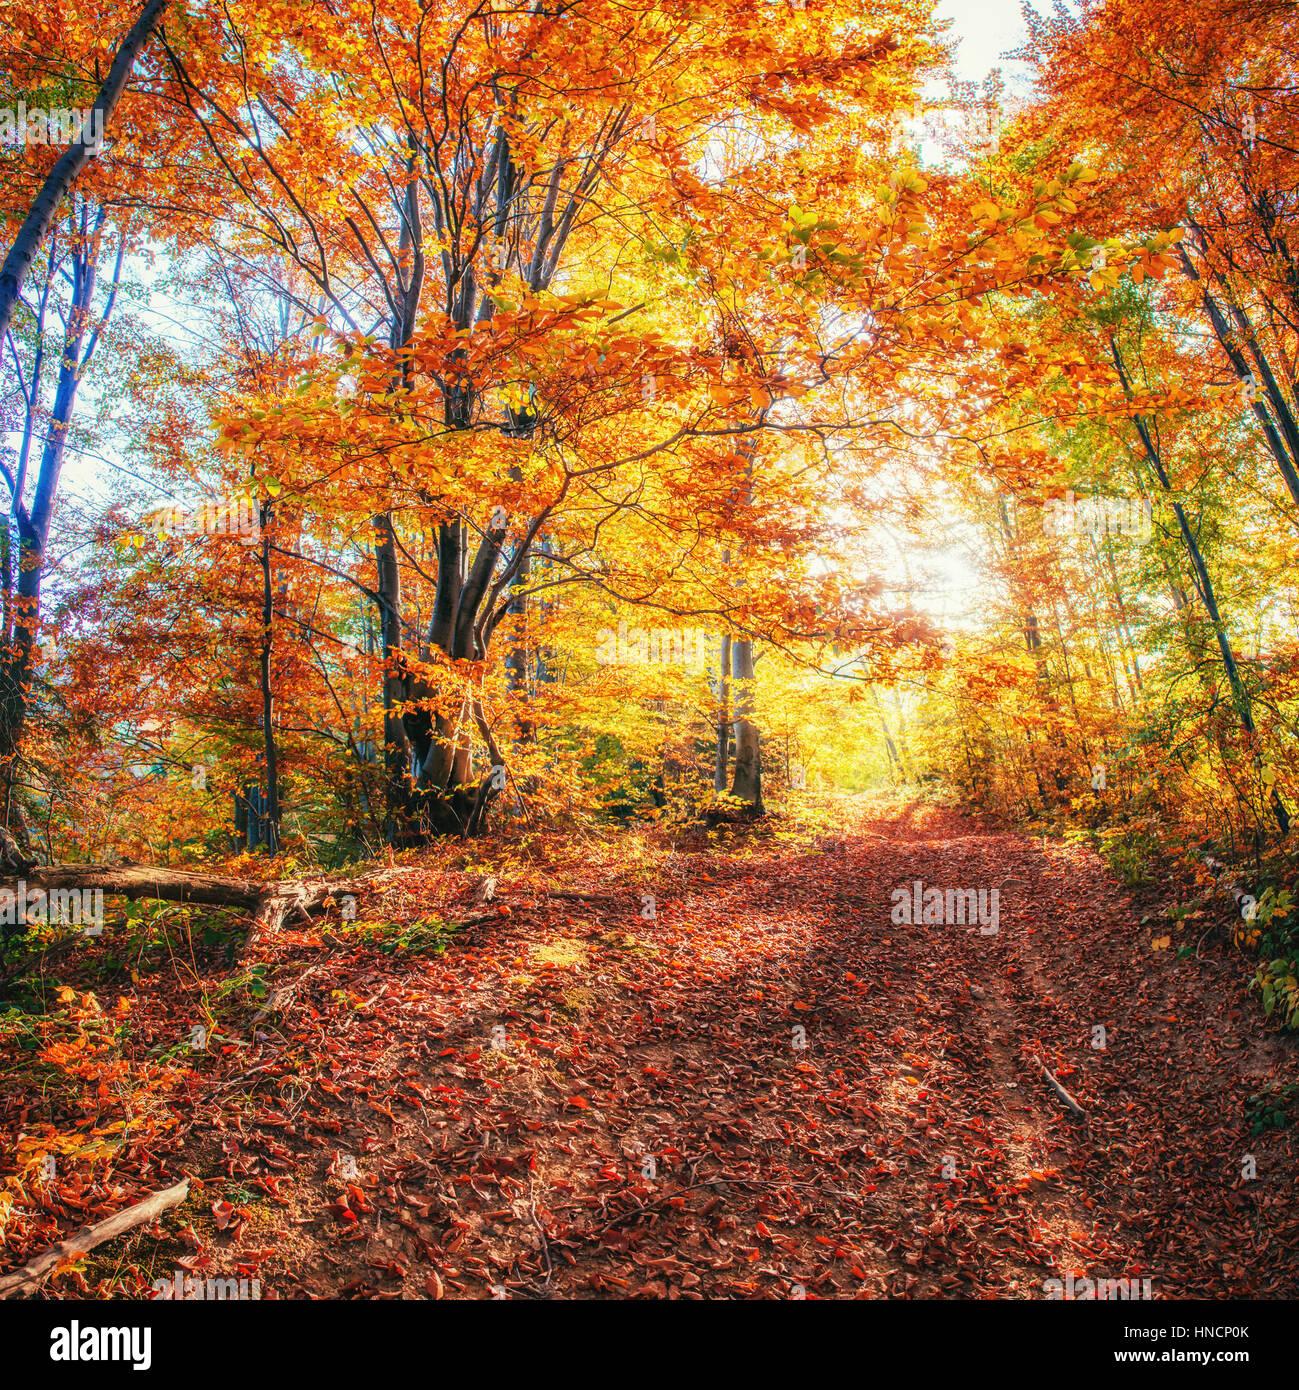 Strada forestale in autunno. Paesaggio. L'Ucraina. Europa Immagini Stock